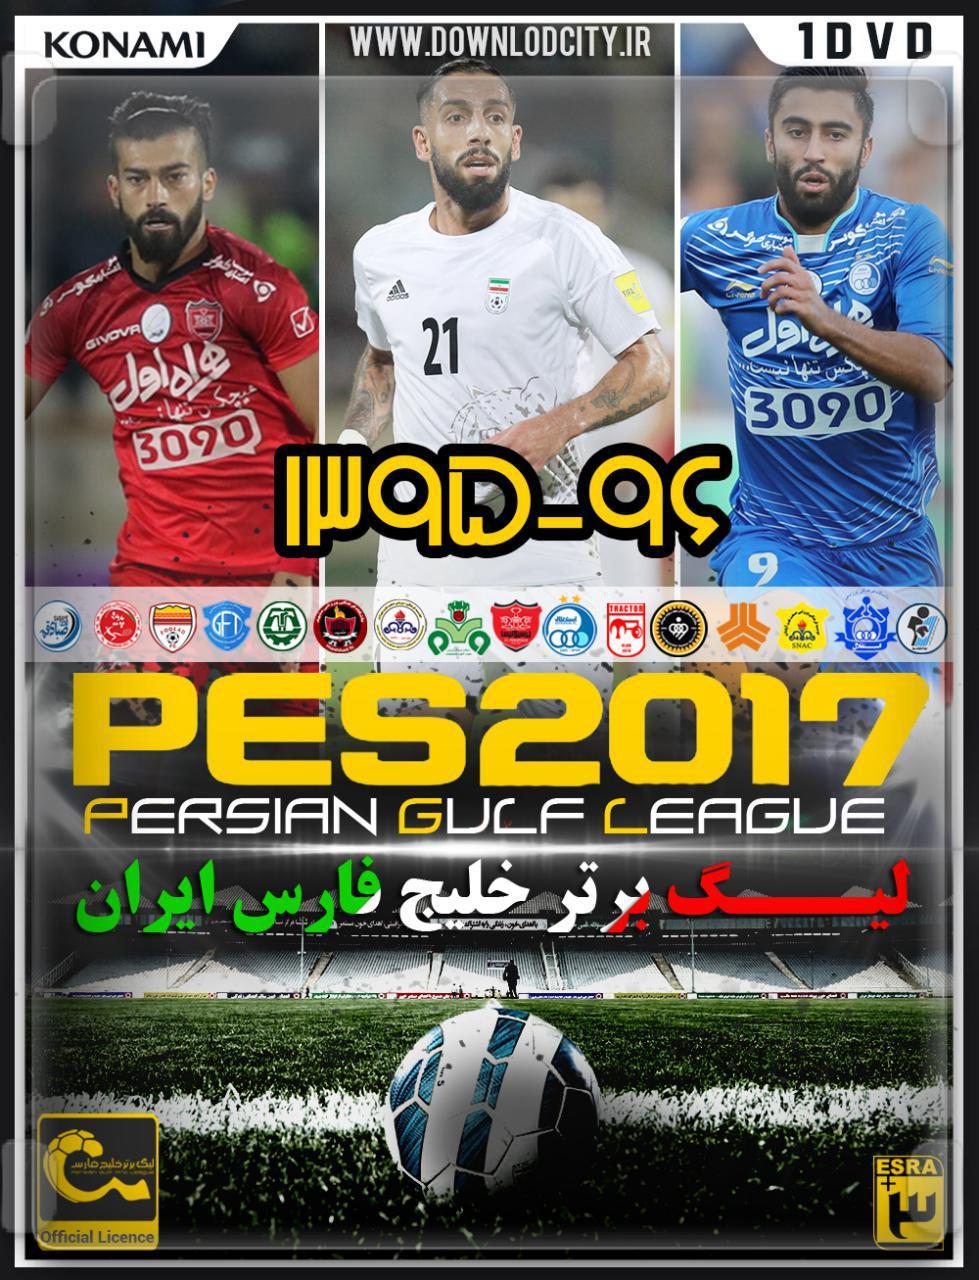 دانلود پچ لیگ برتر ایران فصل 1395/96 برای pes 2017